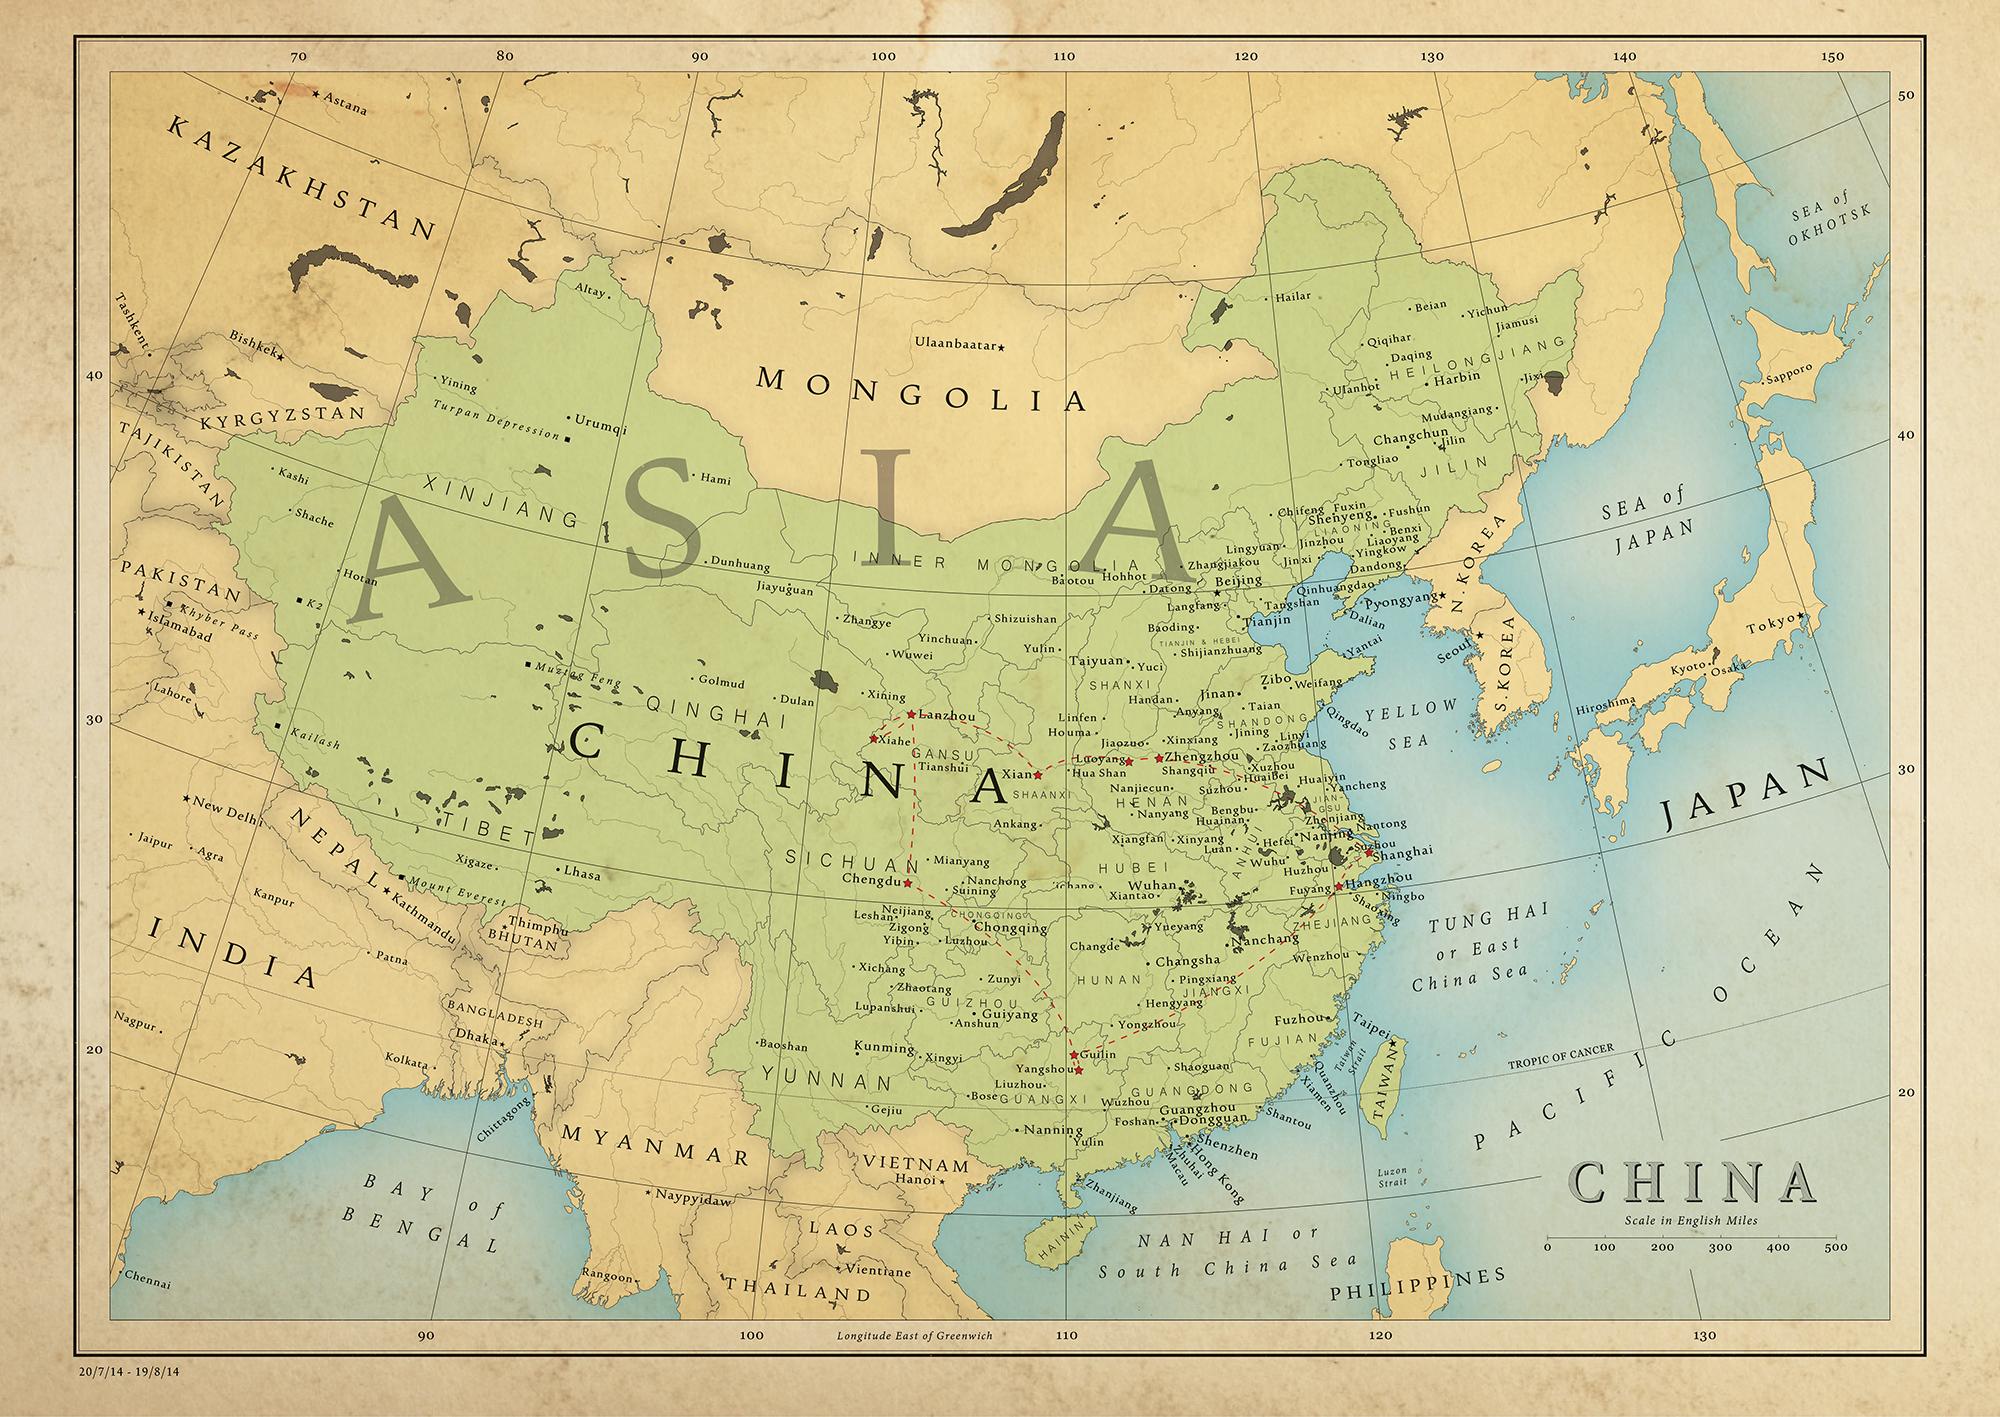 Full map.